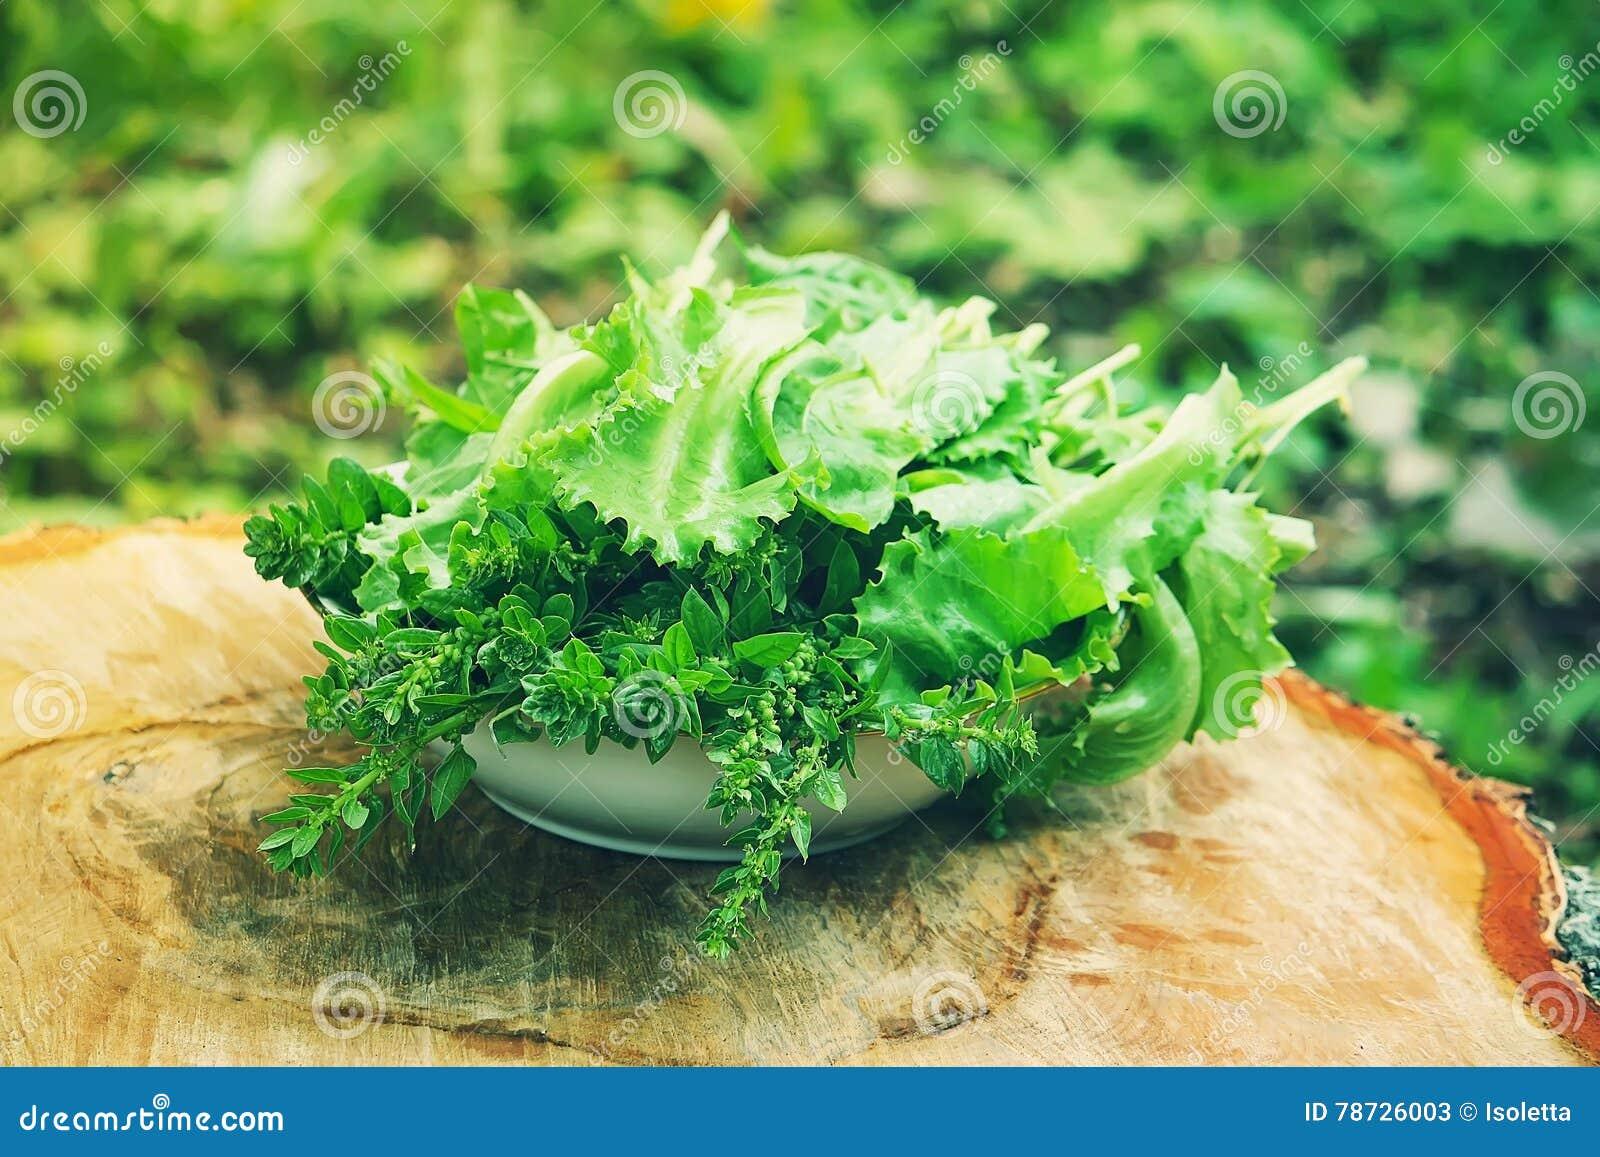 Ny grön sallad